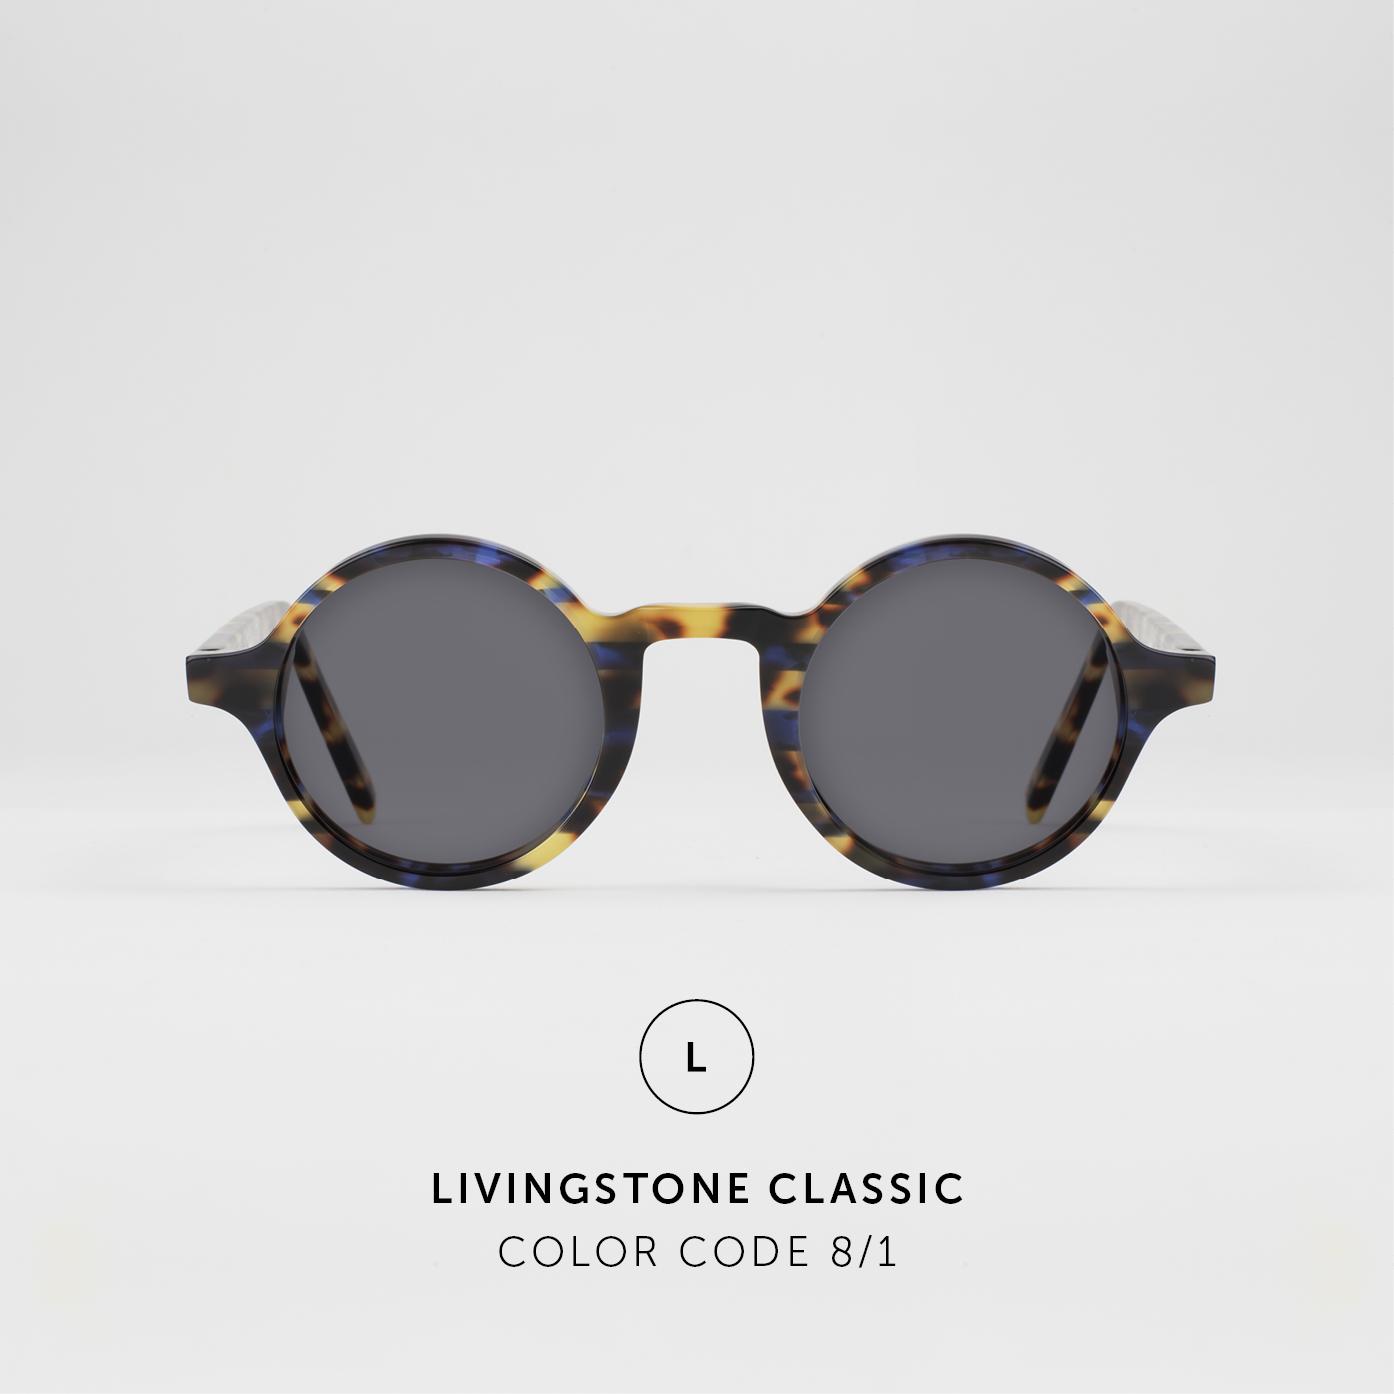 LivingstoneClassic43.jpg